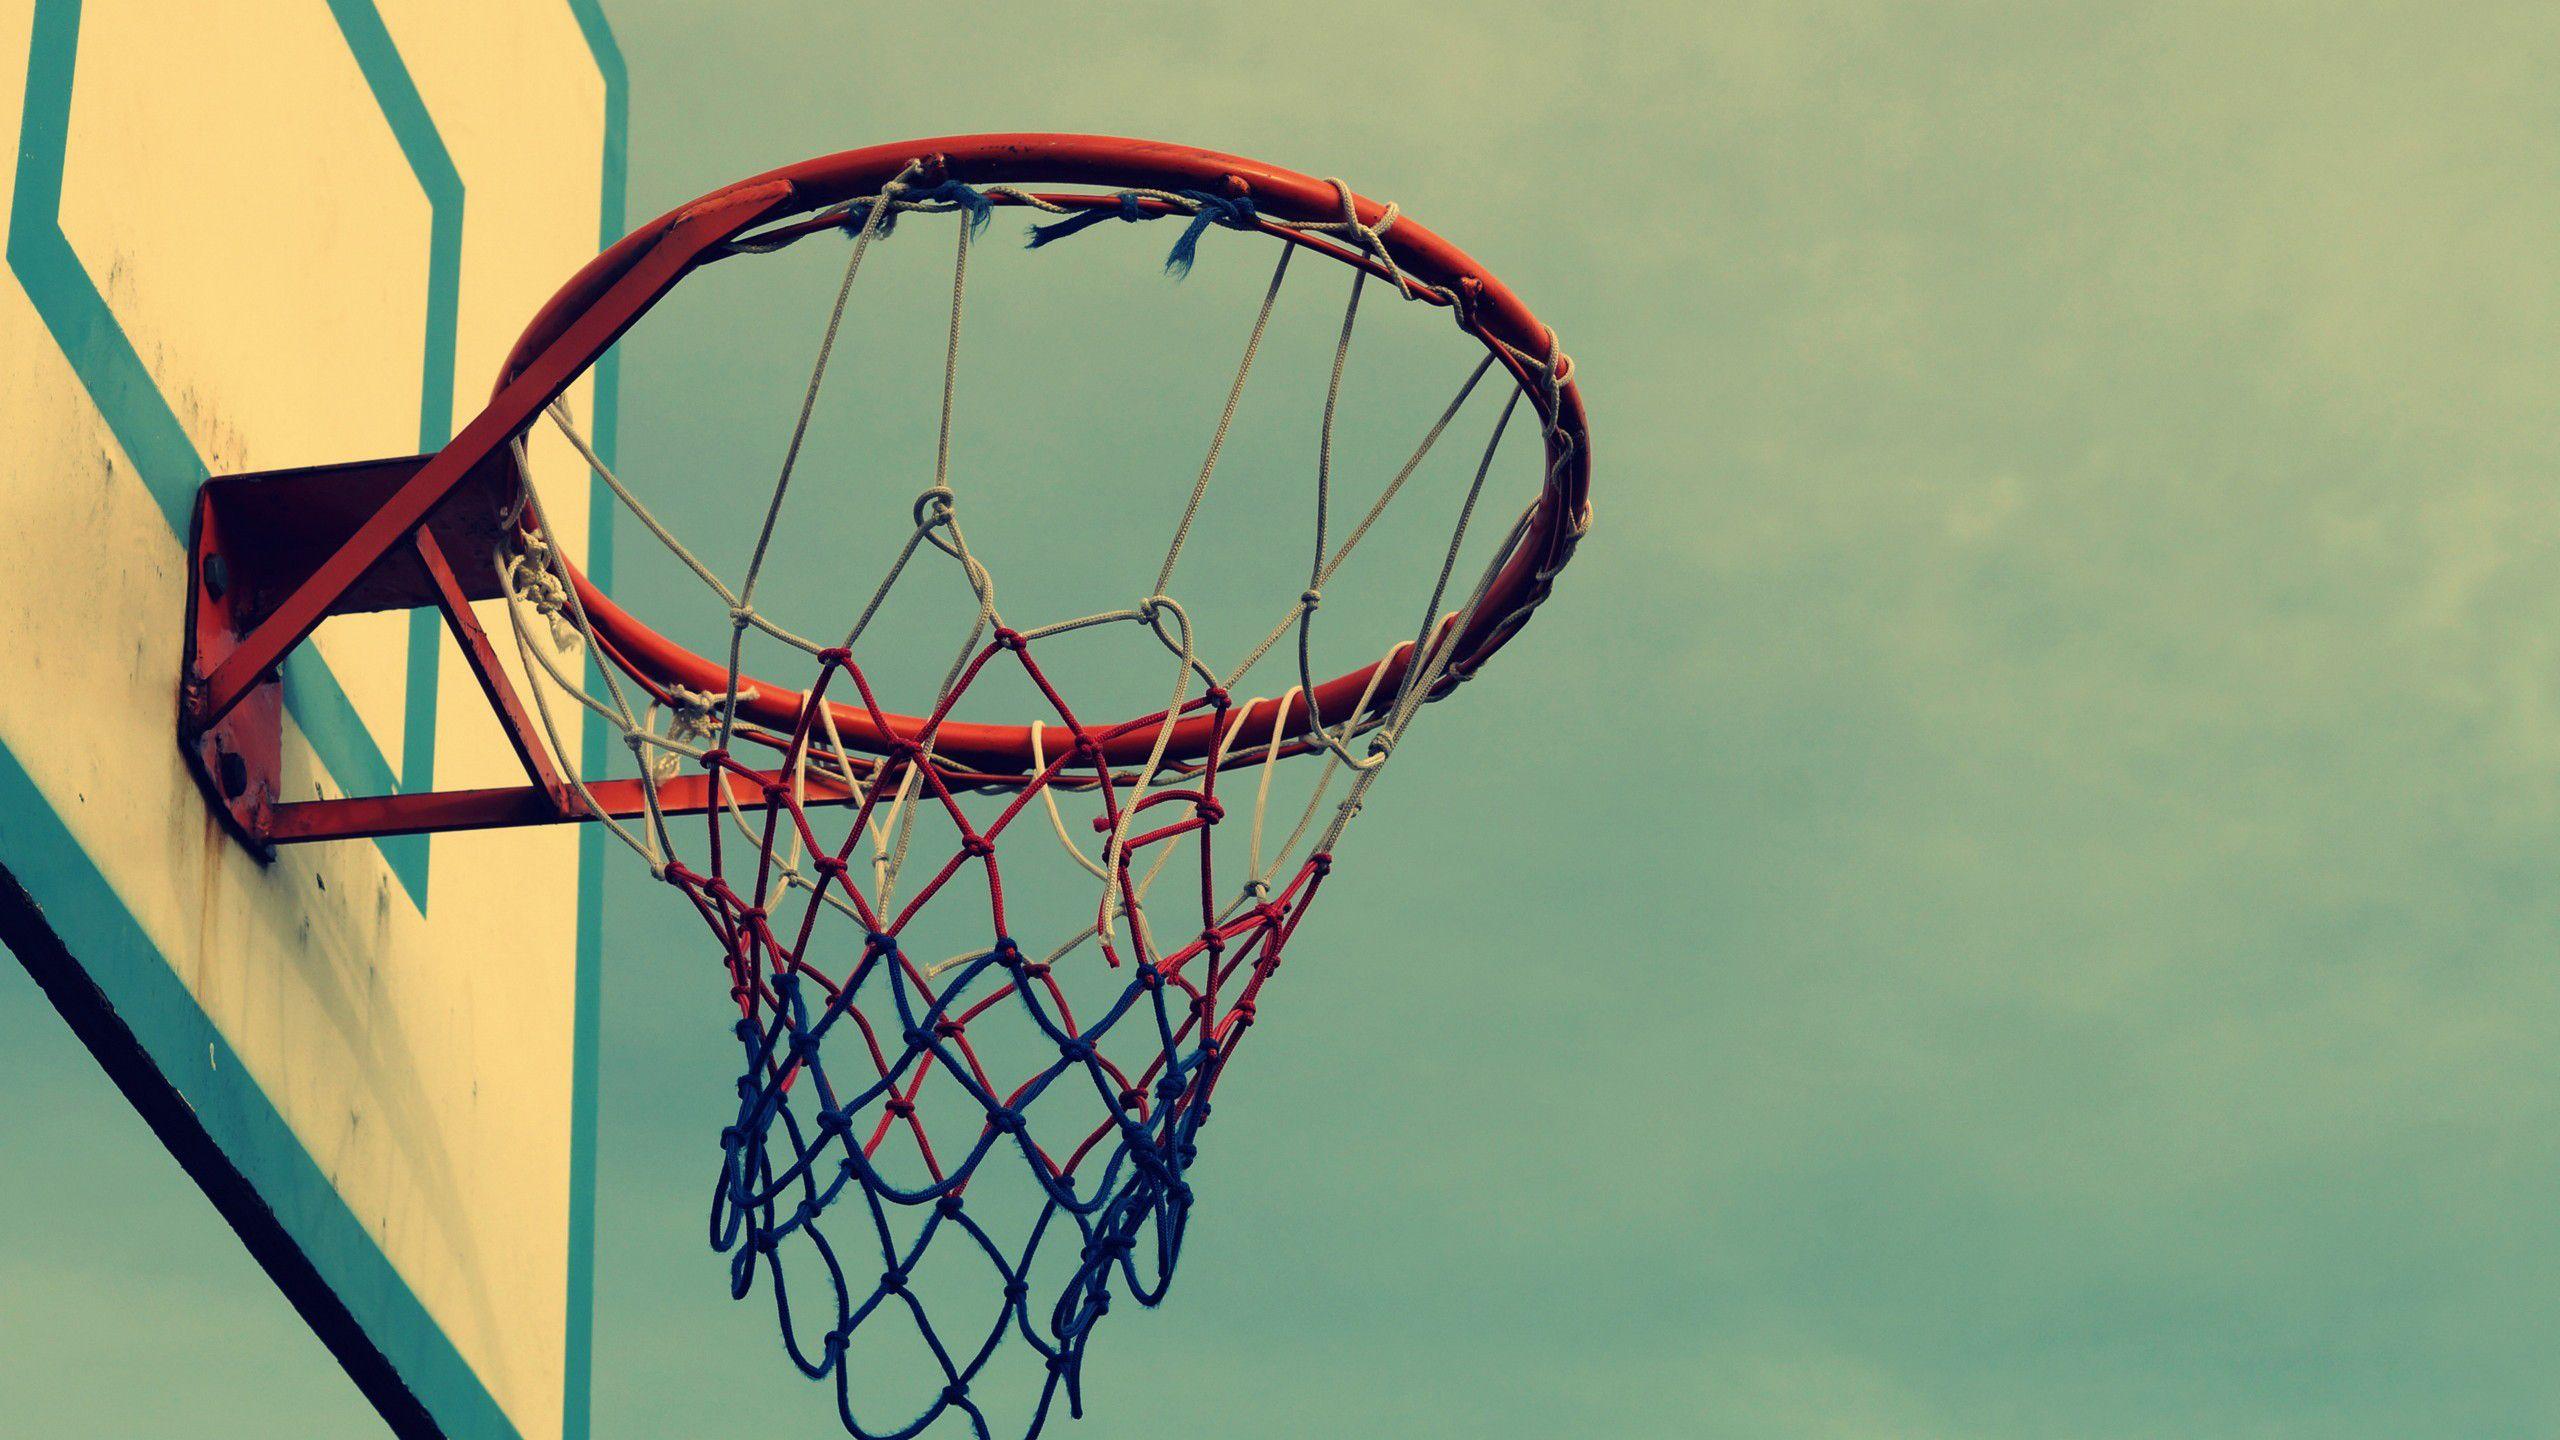 Basketball Wallpaper 30 2560x1440 768x432